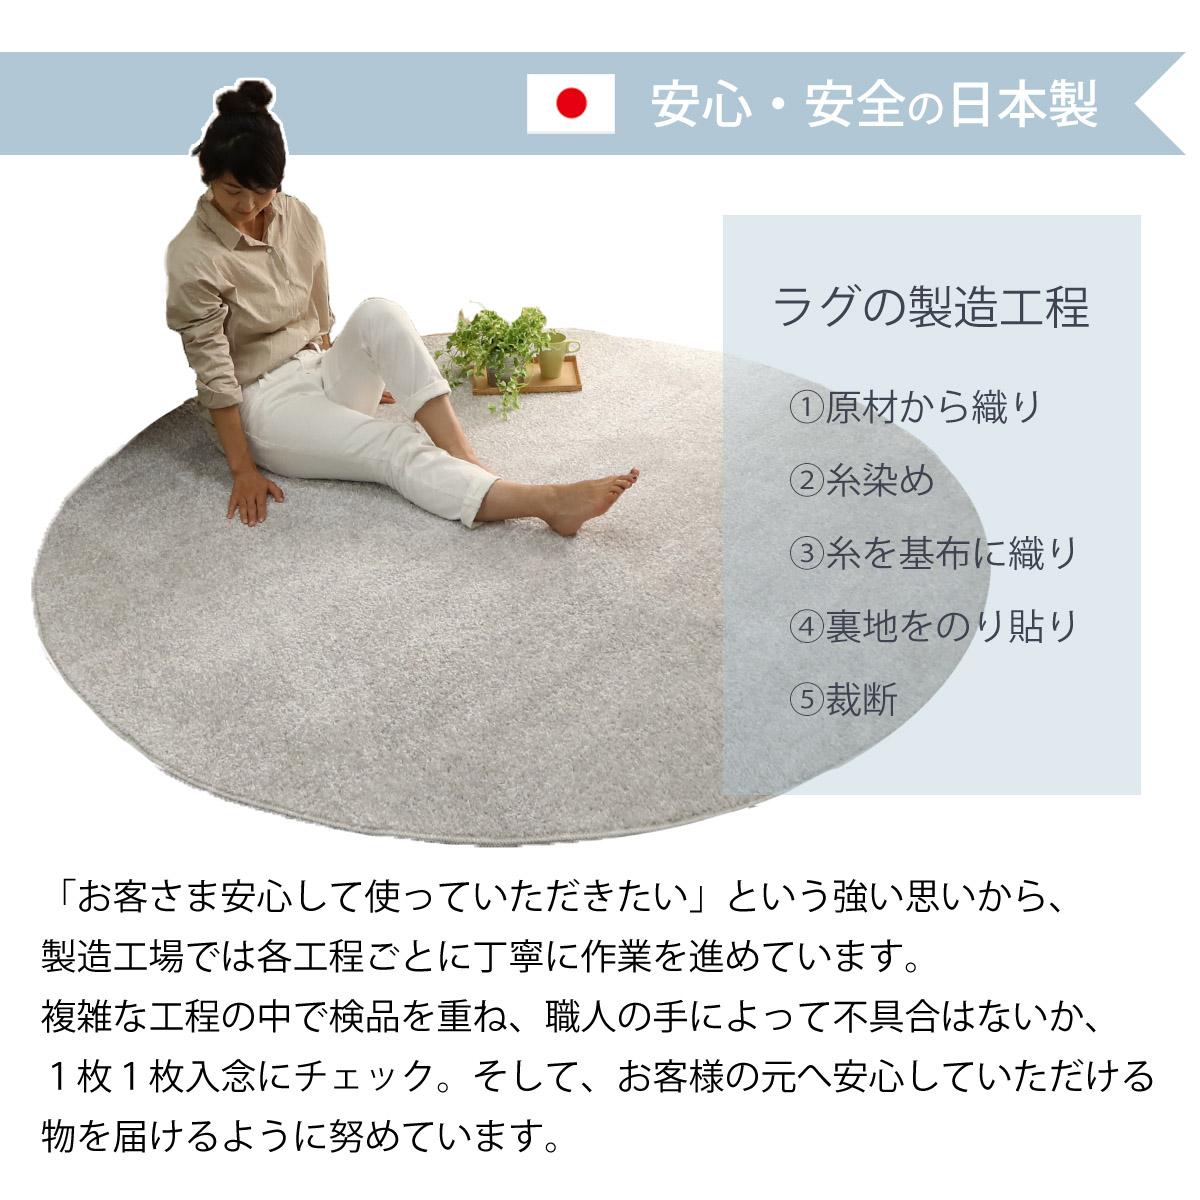 オールシーズン 涼感 年中使える 床暖房対応